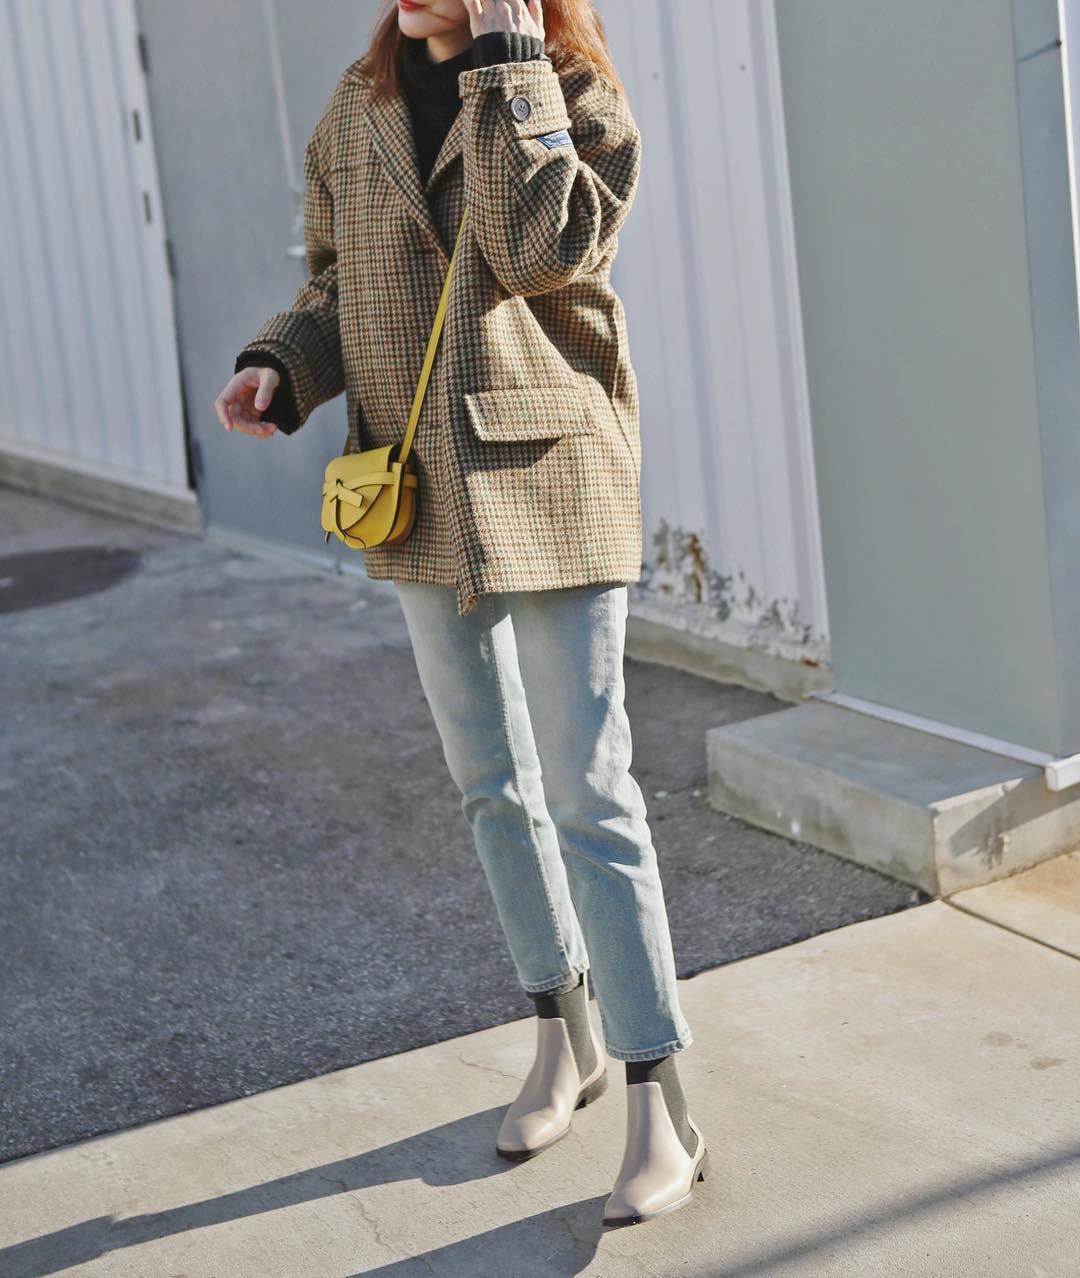 3 lỗi diện quần jeans không khiến cặp chân ngắn hơn thì cũng dễ đưa bạn vào tình huống kém duyên, nhạy cảm 3